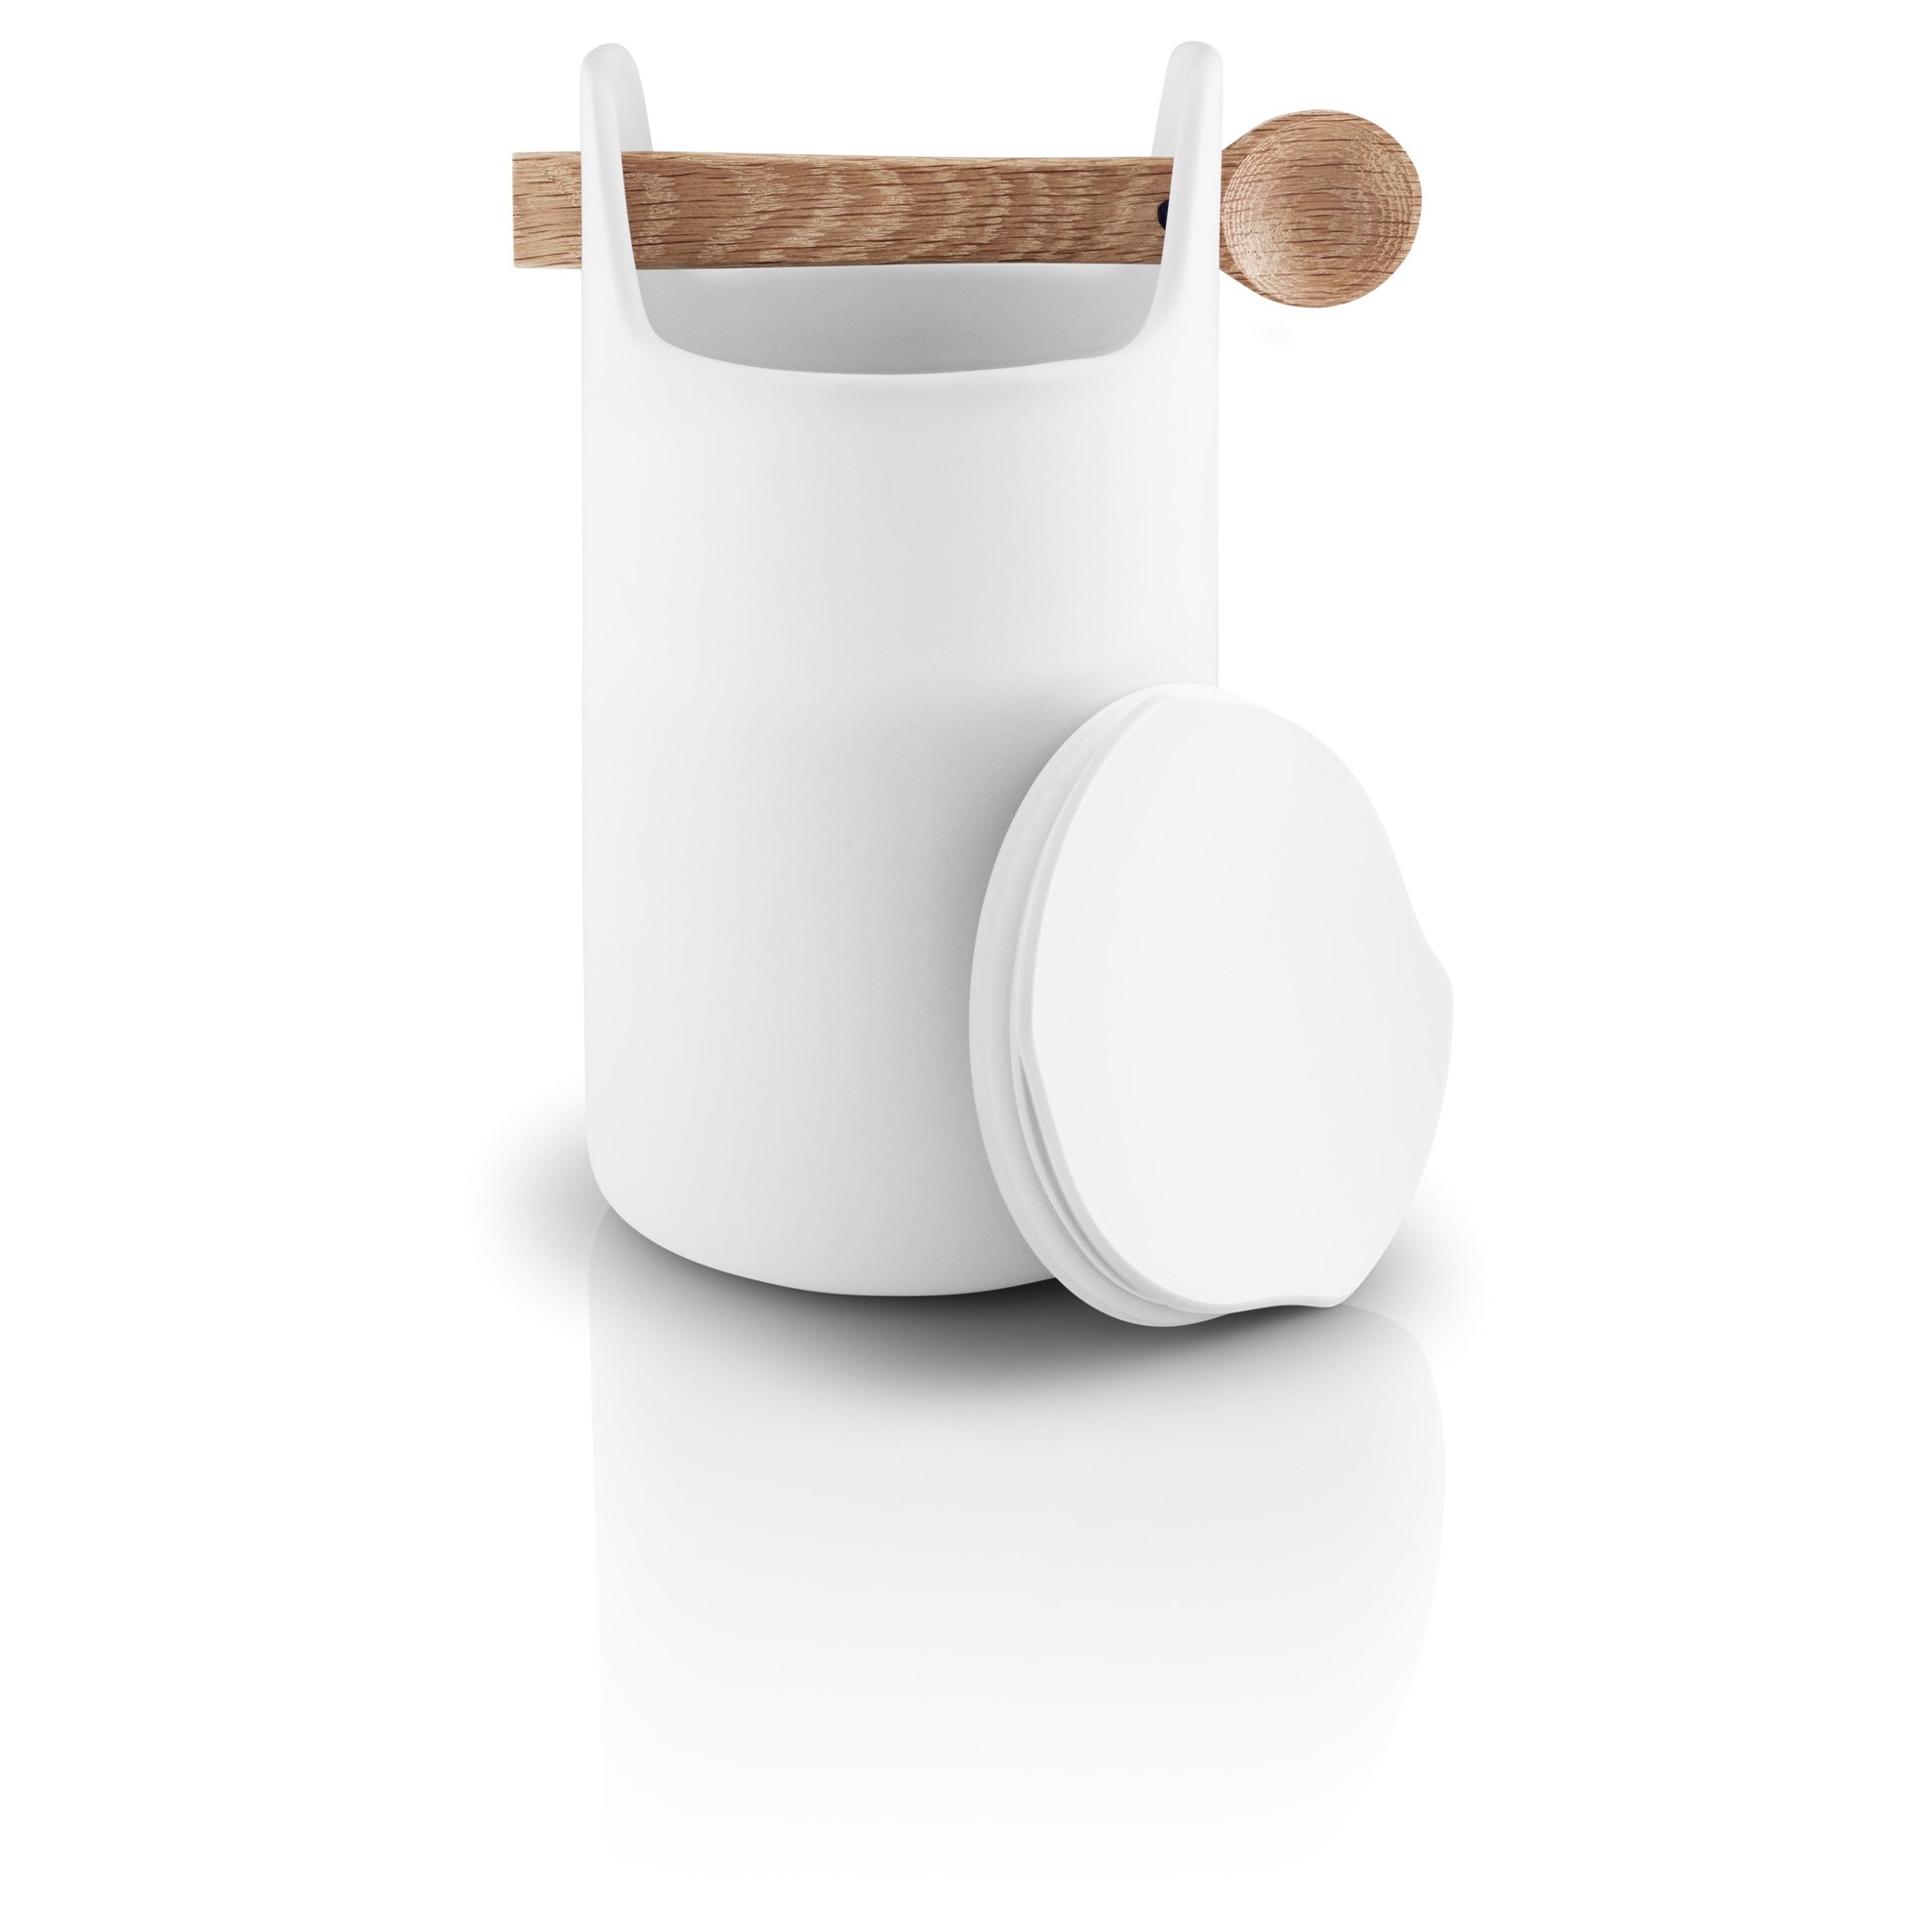 Dóza s dřevěnou lžičkou TOOLBOX, bílá - 20 cm_0